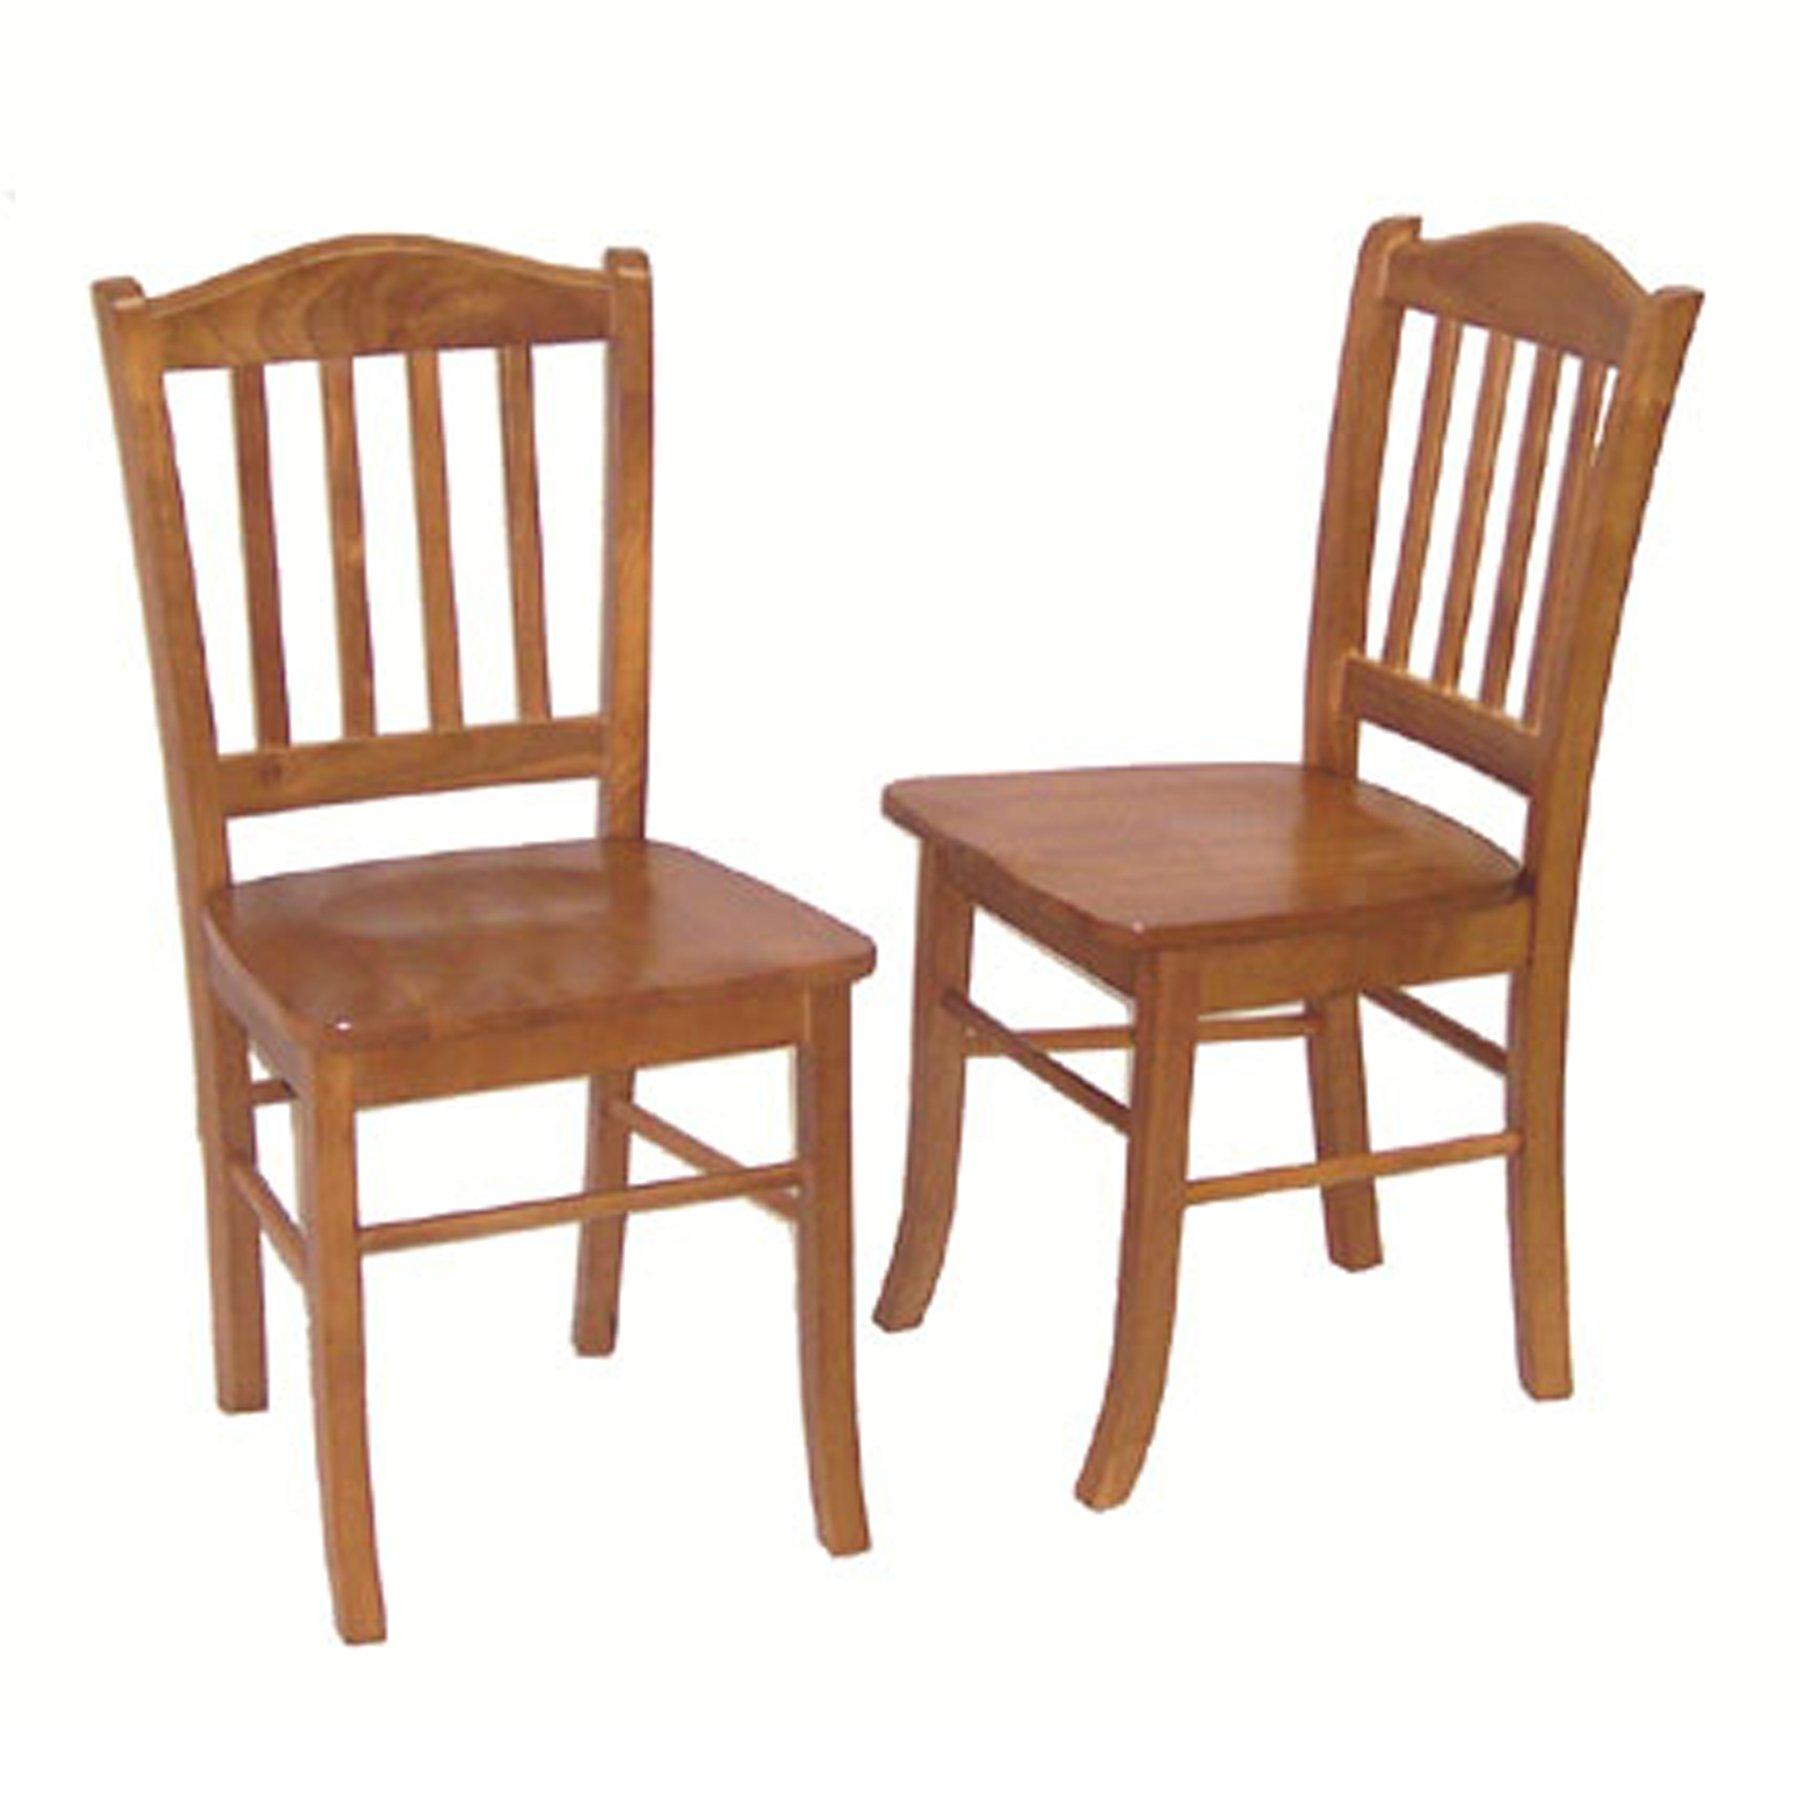 Boraam 30136 Shaker Chair, Oak, Set of 2 by Boraam